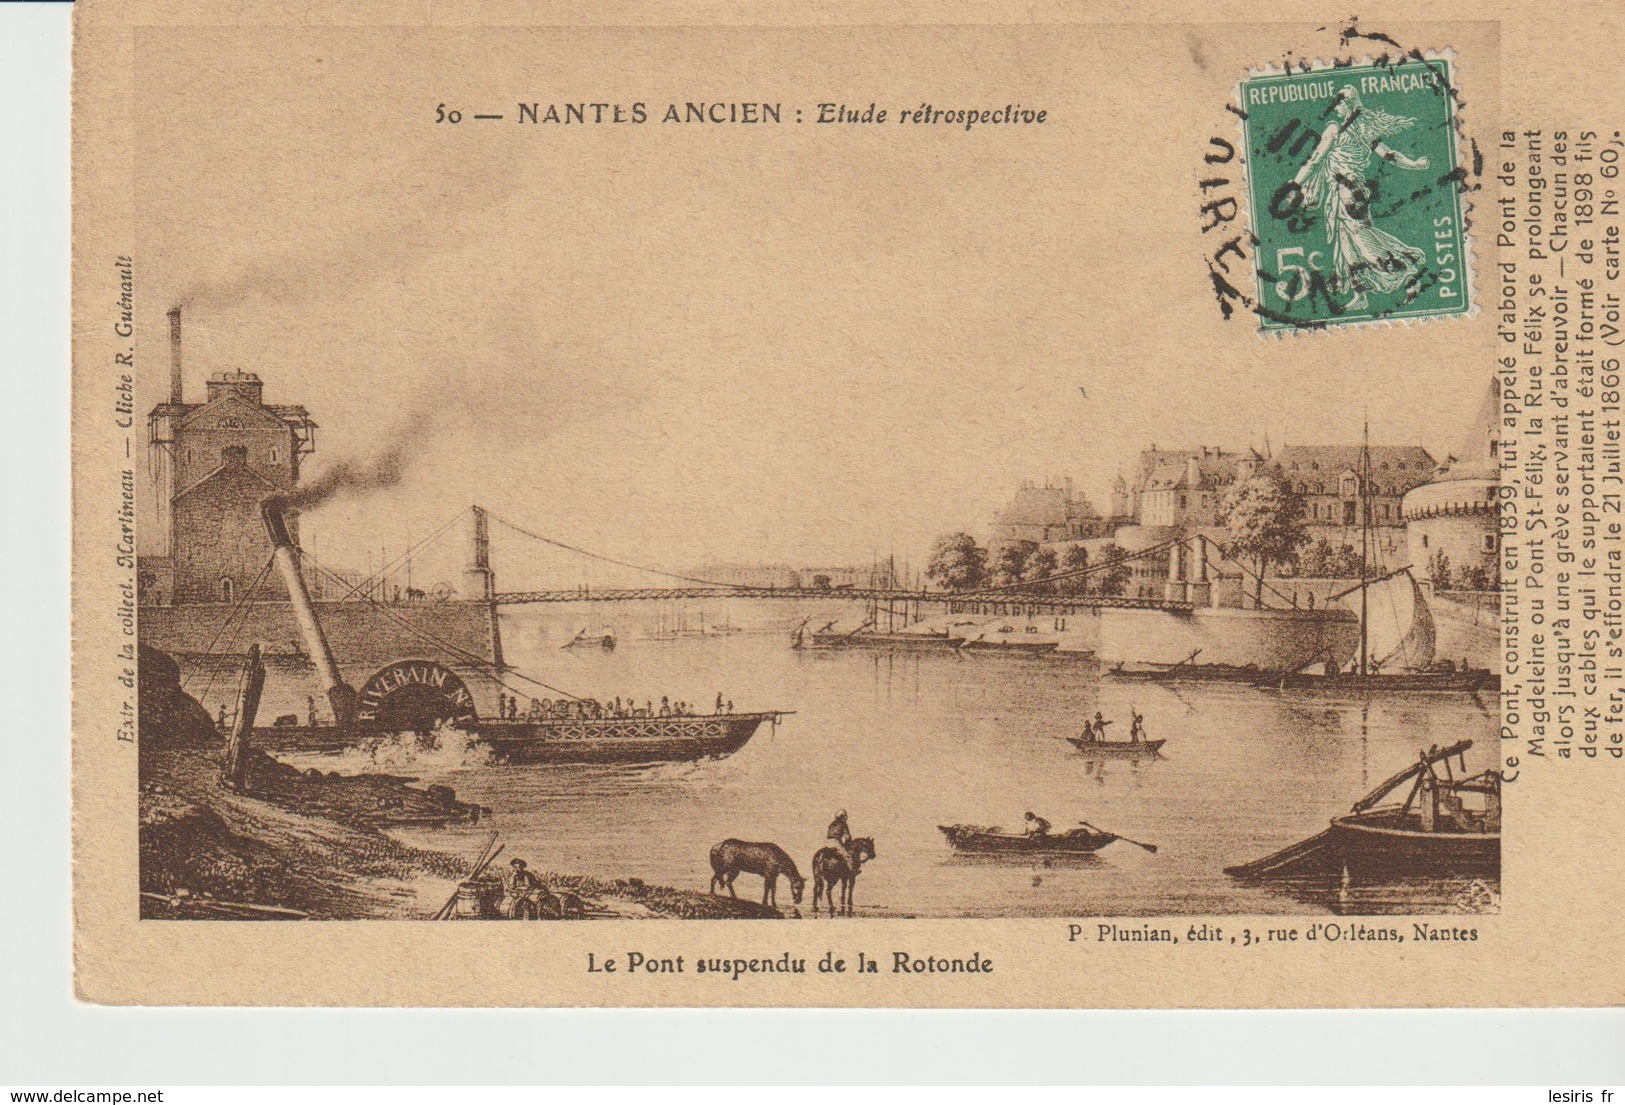 CPA  - NANTES ANCIEN - ETUDE RÉTROSPECTIVE - 50 - LE PONT SUSPENDU DE LA ROTONDE - P. PLUNIAN - MARTINEAU - R. GUENAULT - Nantes